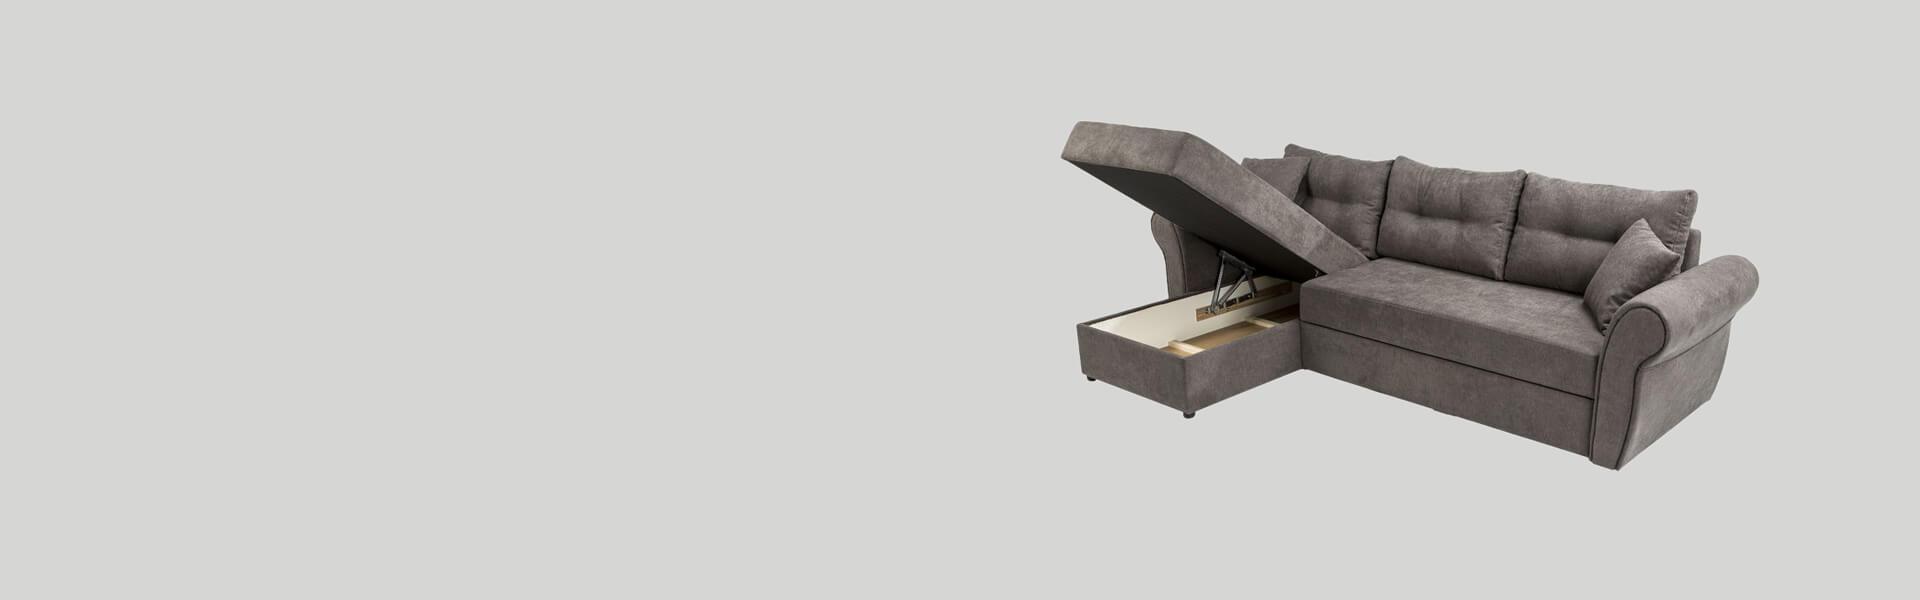 Producent akcesoriow meblowych - Narożnik 2